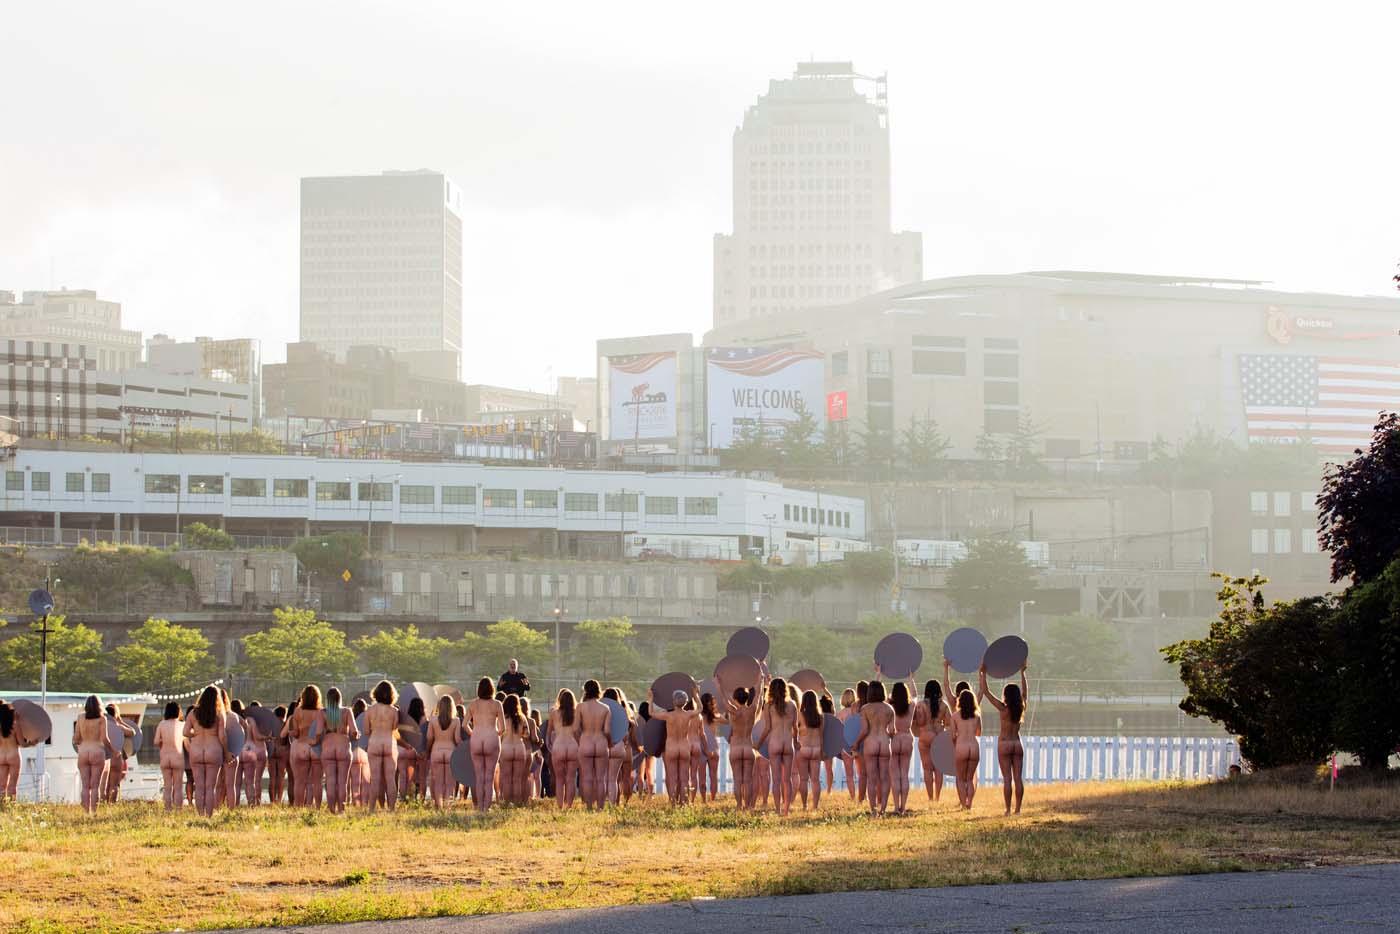 VÍDEO: 100 Mujeres desnudas protestan en Cleveland aunque es ilegal quitarse la ropa en público.